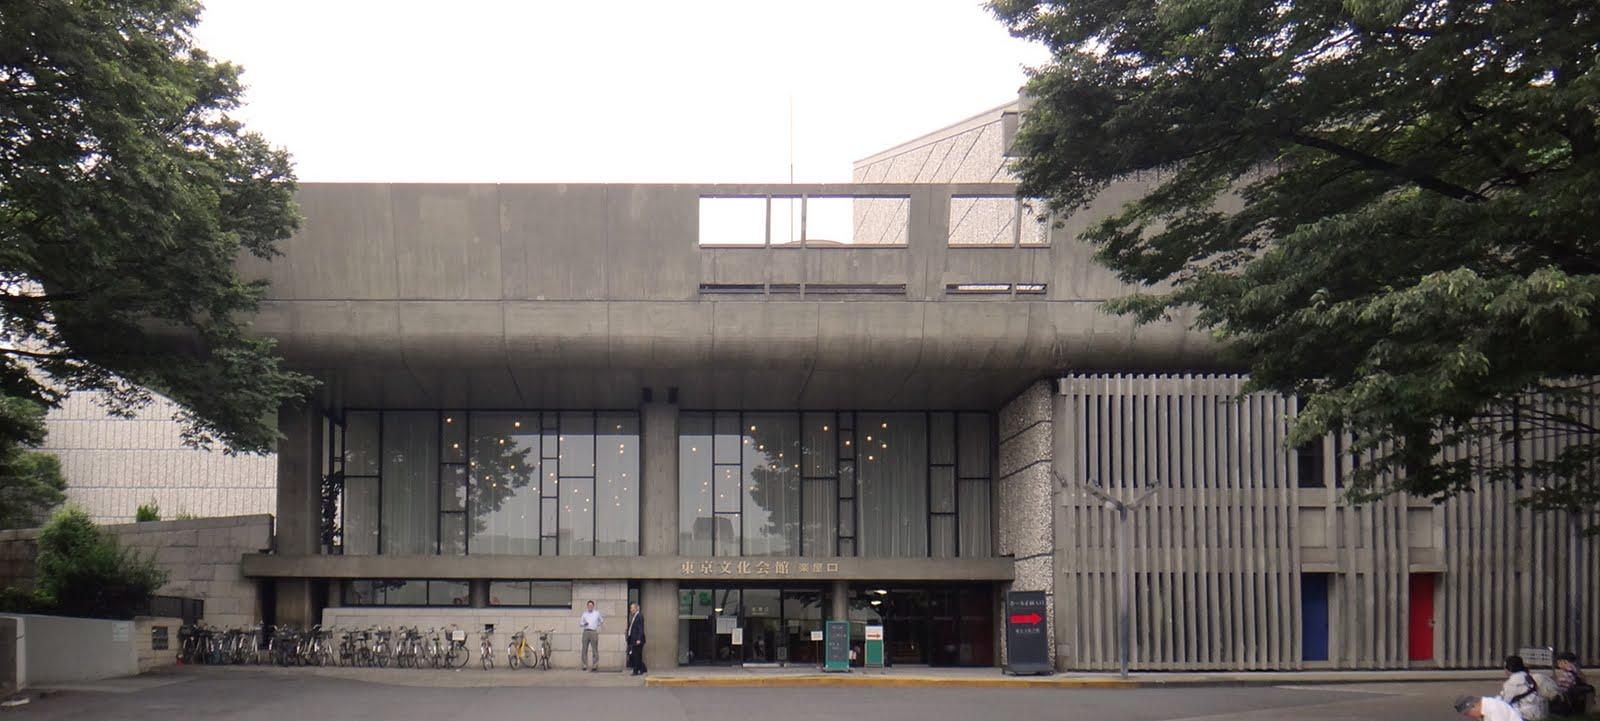 Architecture By Kunio Mayekawa Modern Design By